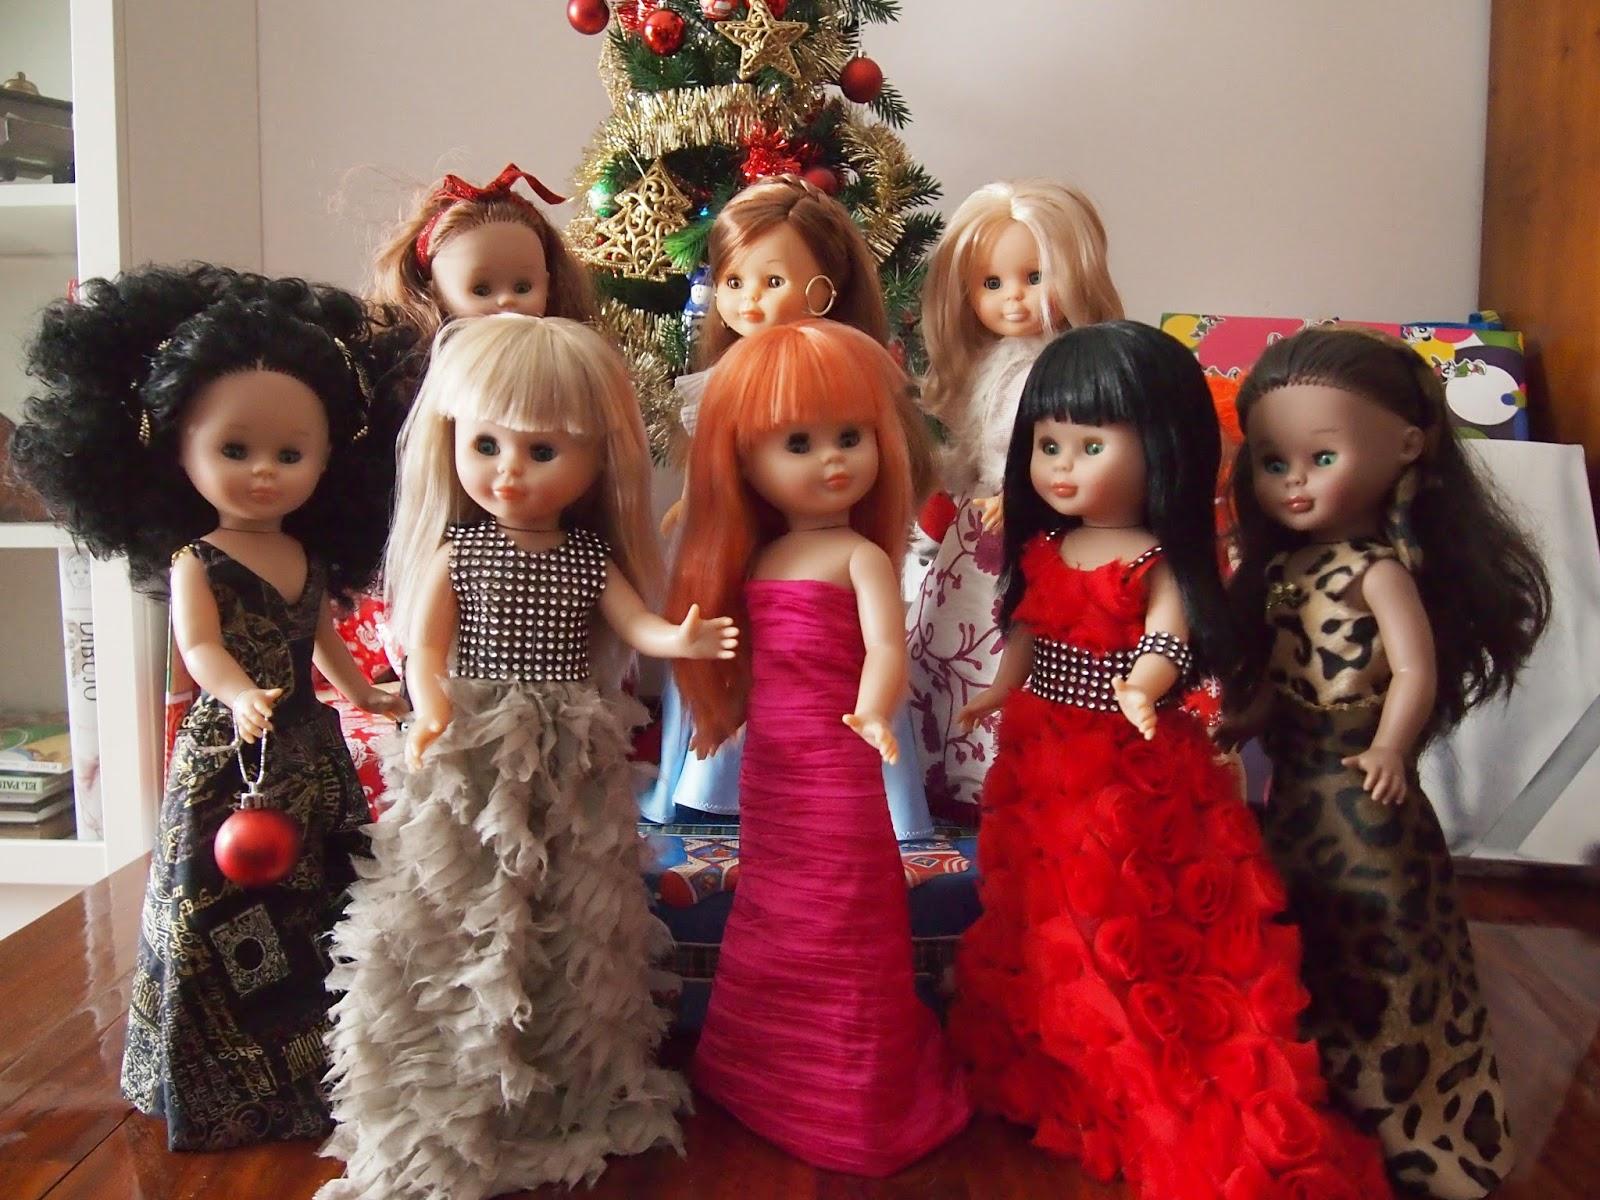 http://begodolls.blogspot.com.es/2014/12/feliz-2015.html